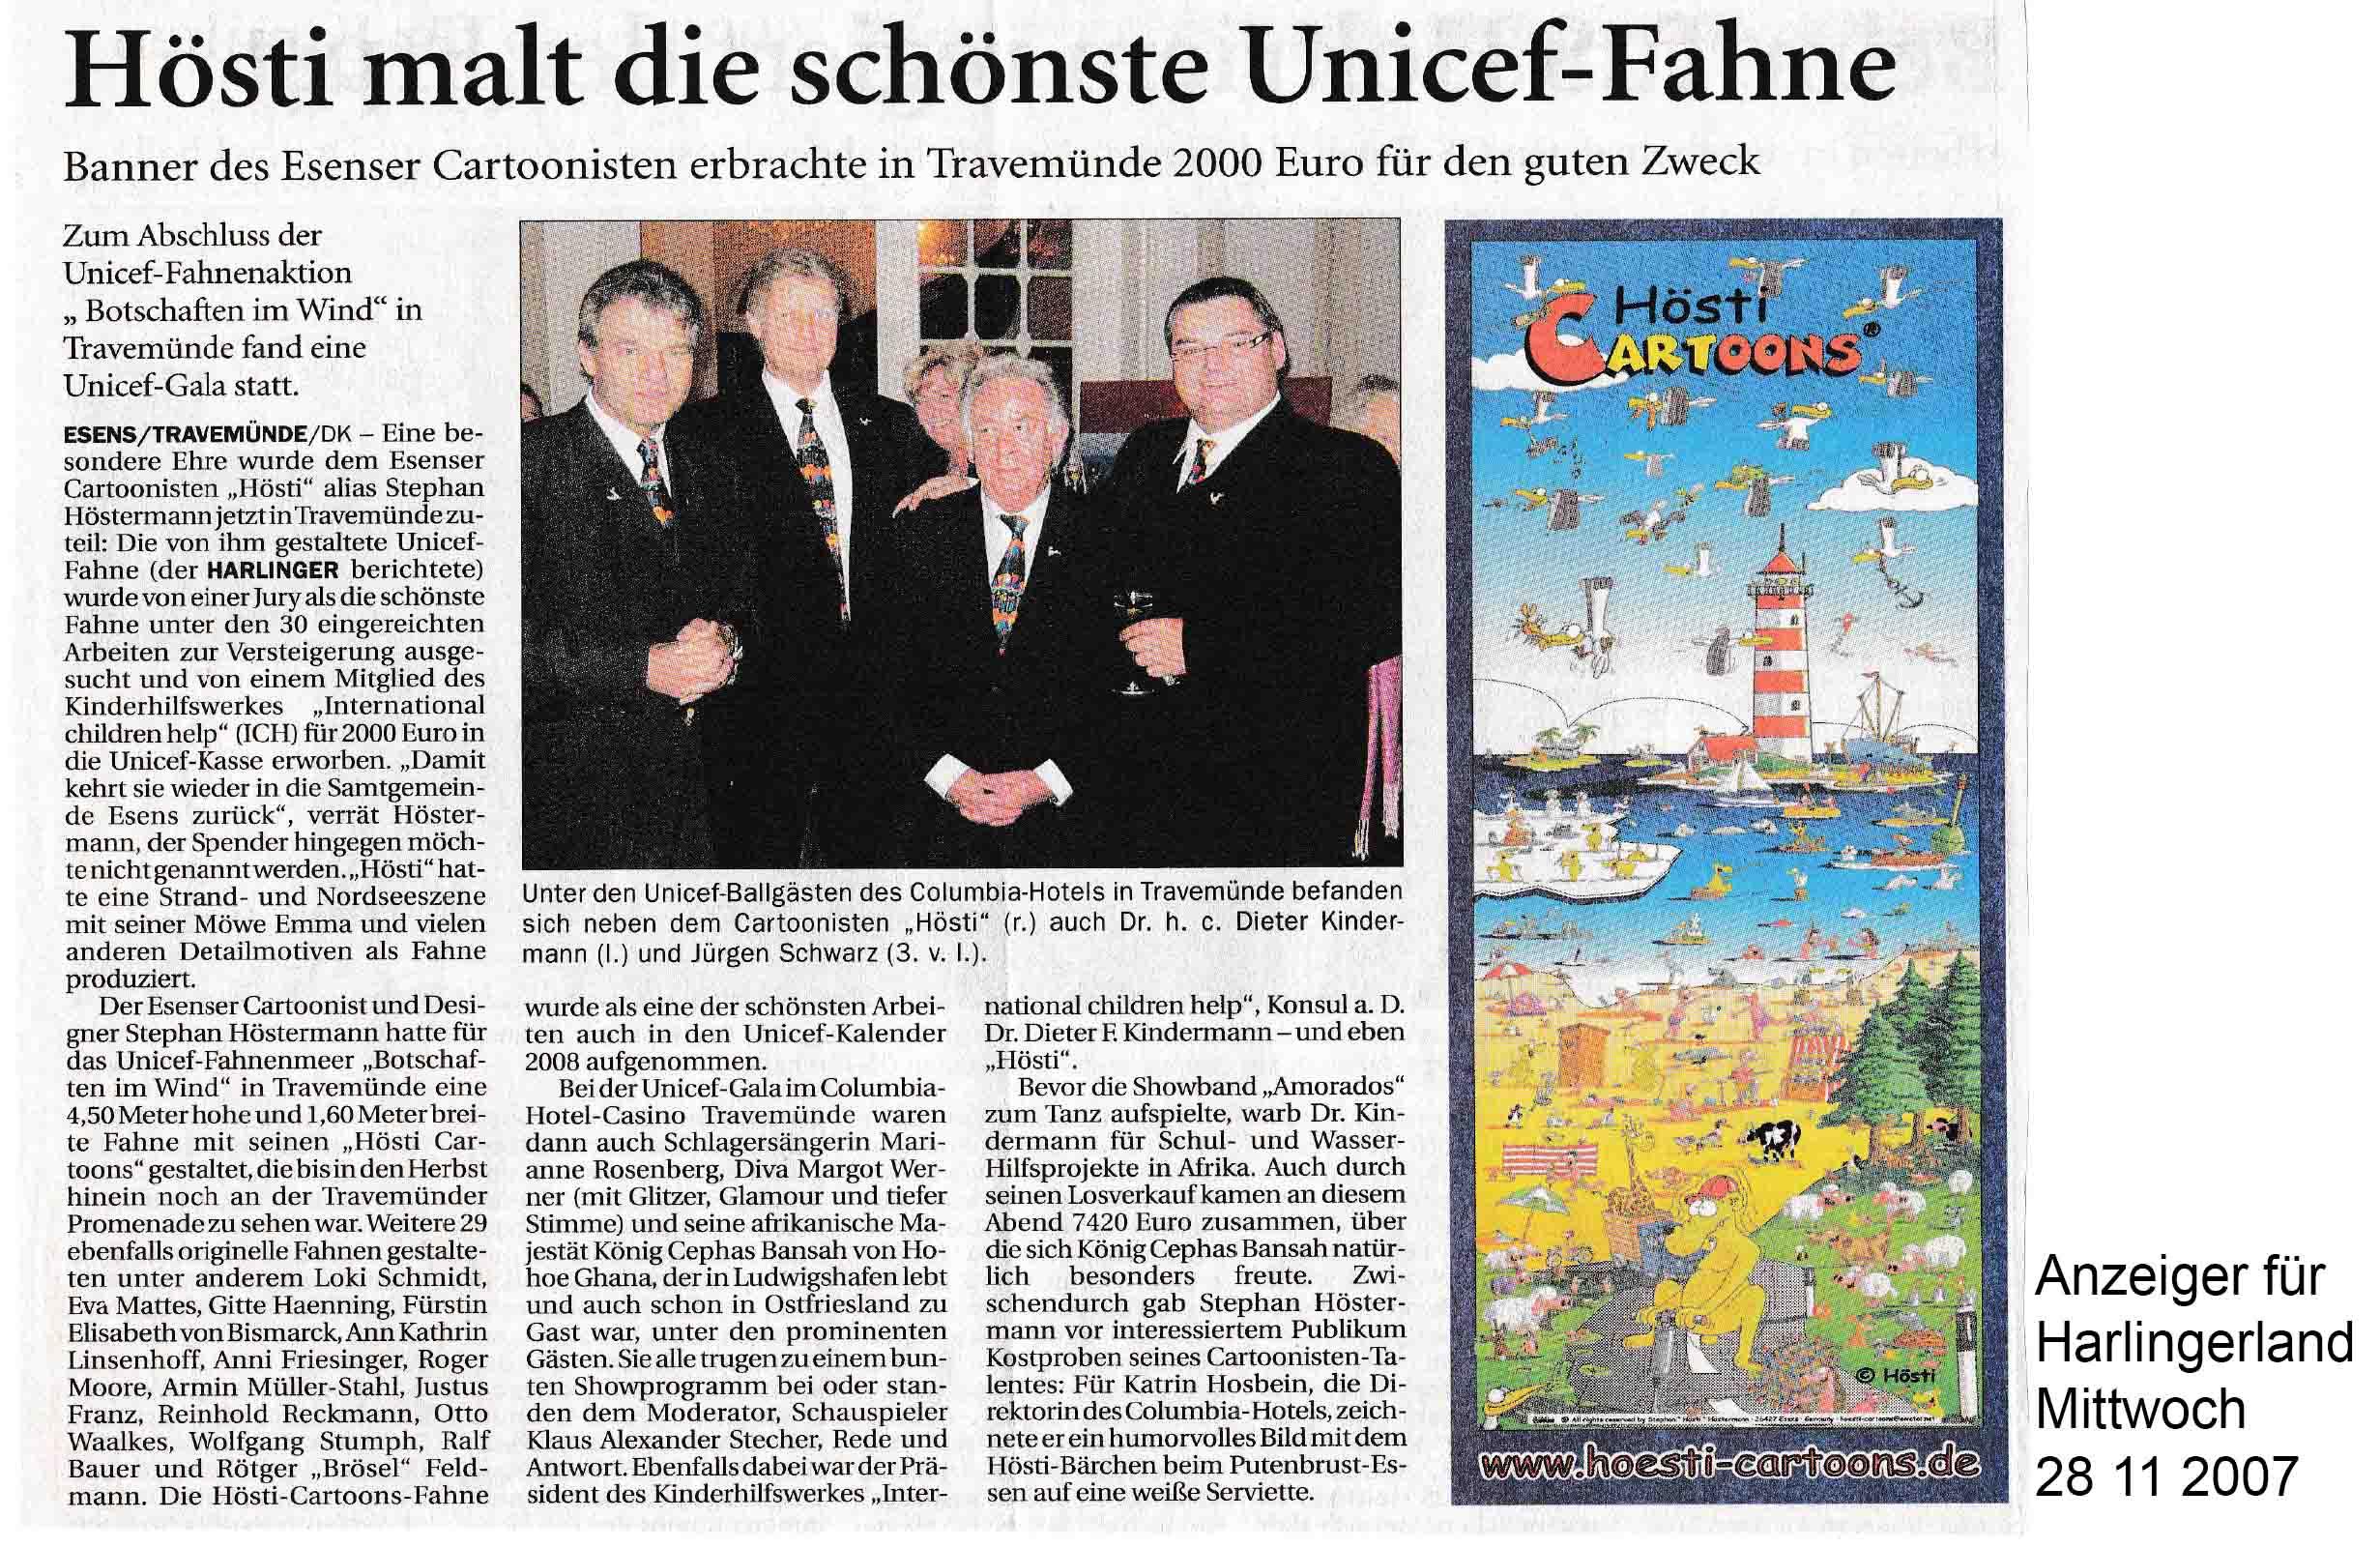 Anzeiger für Harlingerland Mittwoch 28 11 2007